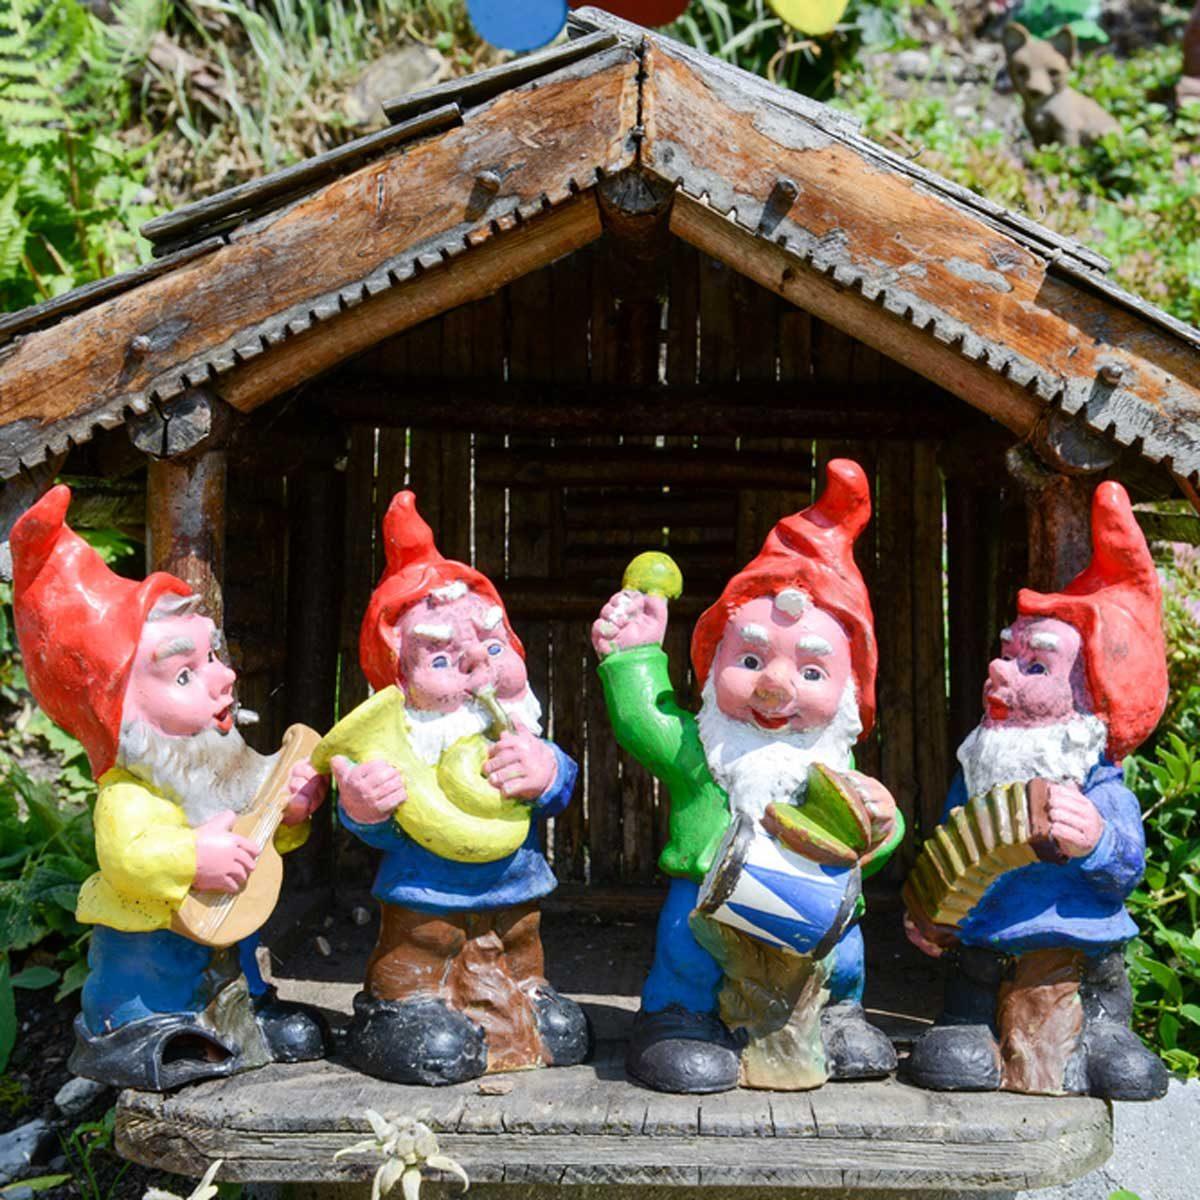 Garden Gnomes plastic tacky lawn ornaments